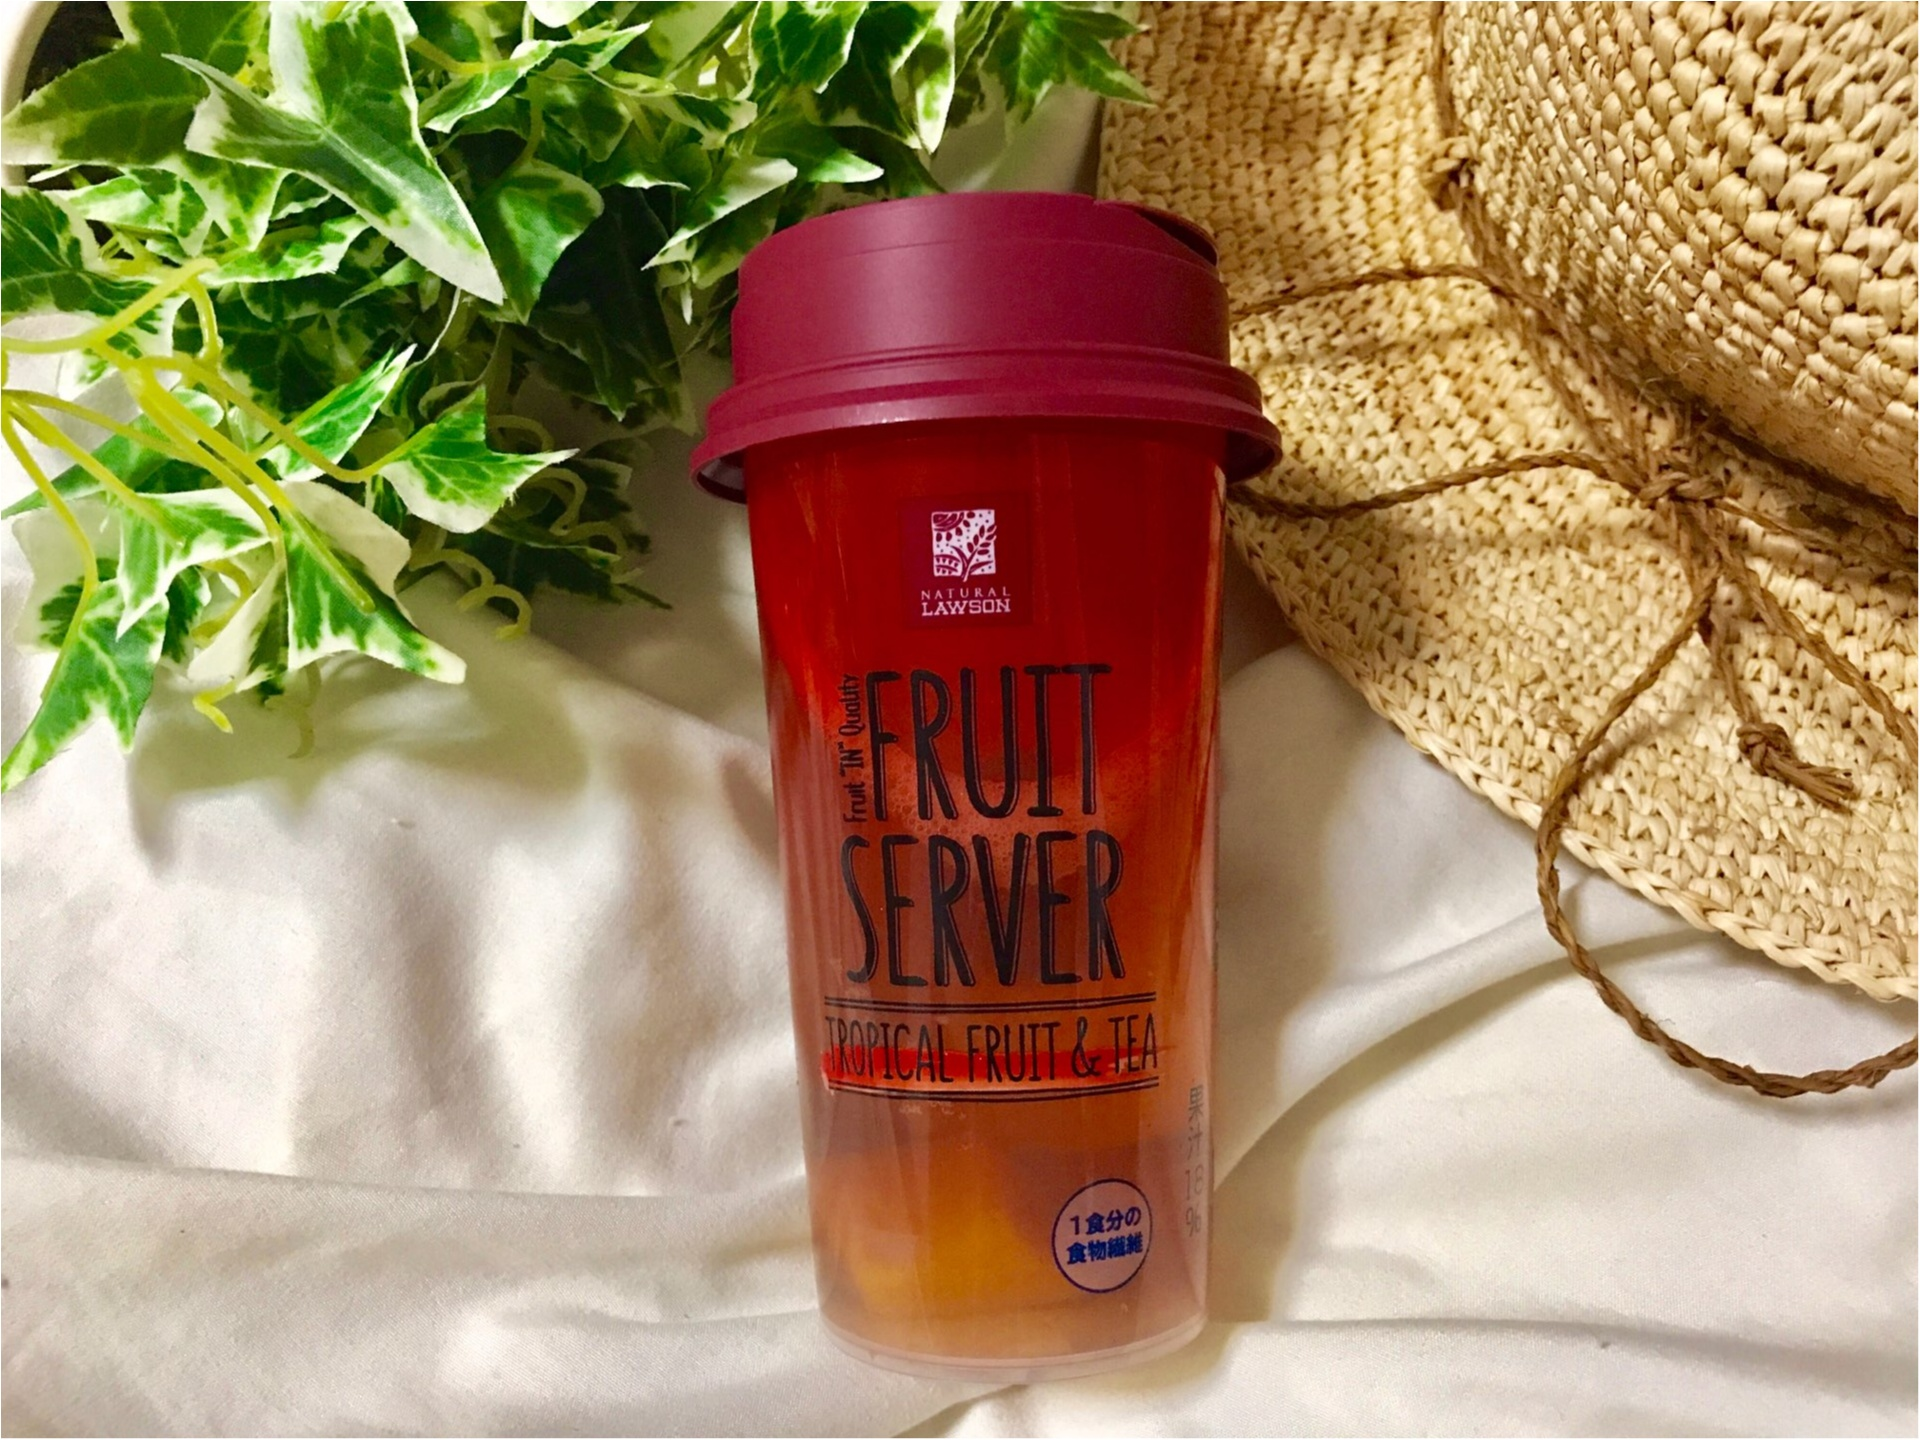 【ローソン】飲み終えた容器も万能!輪切りフルーツ入り《フルーツサーバー》が美味❤︎_1